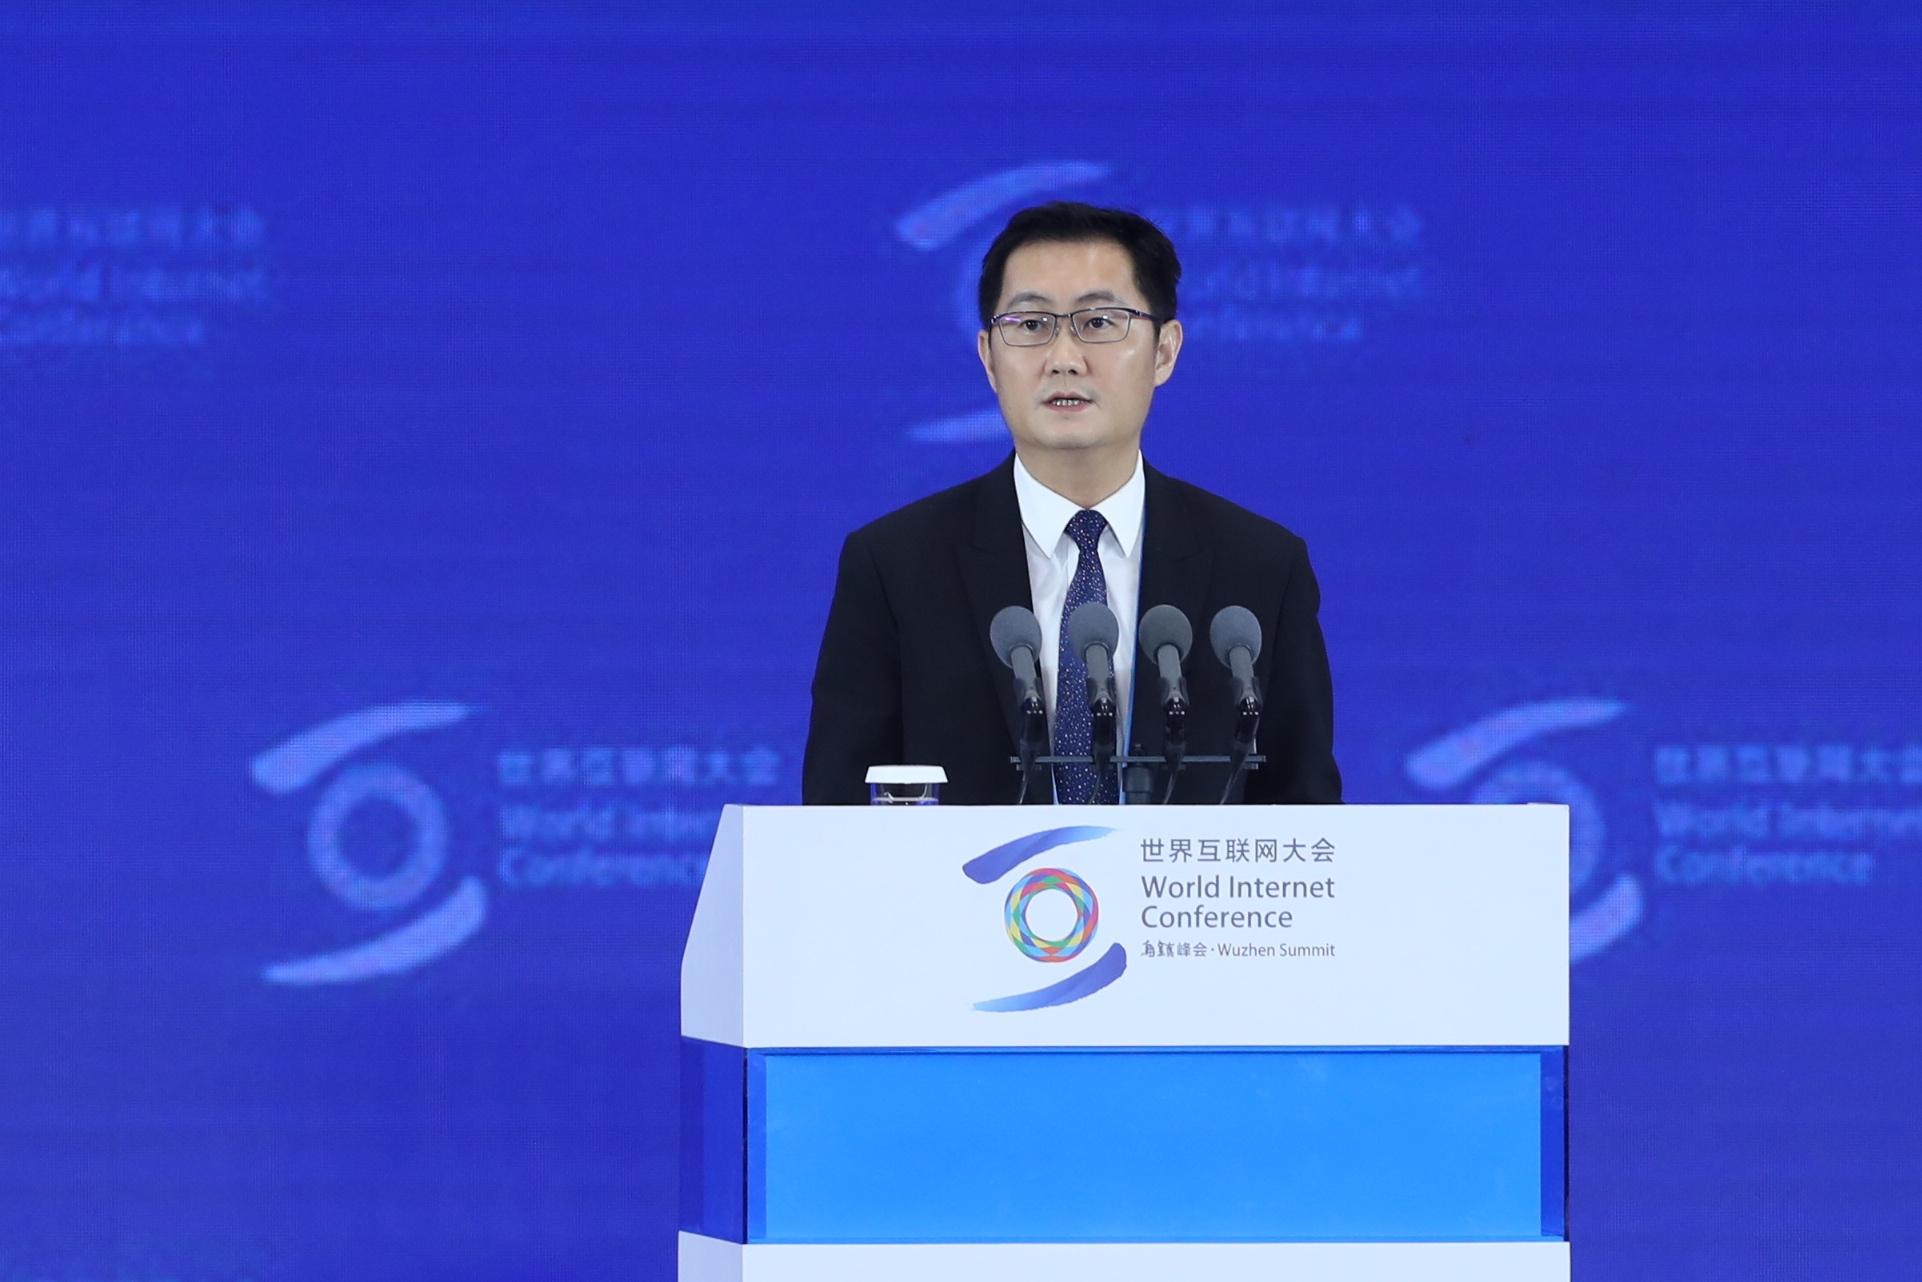 马化腾:过去一年腾讯在挑战中找到新机遇   网络推广  第2张